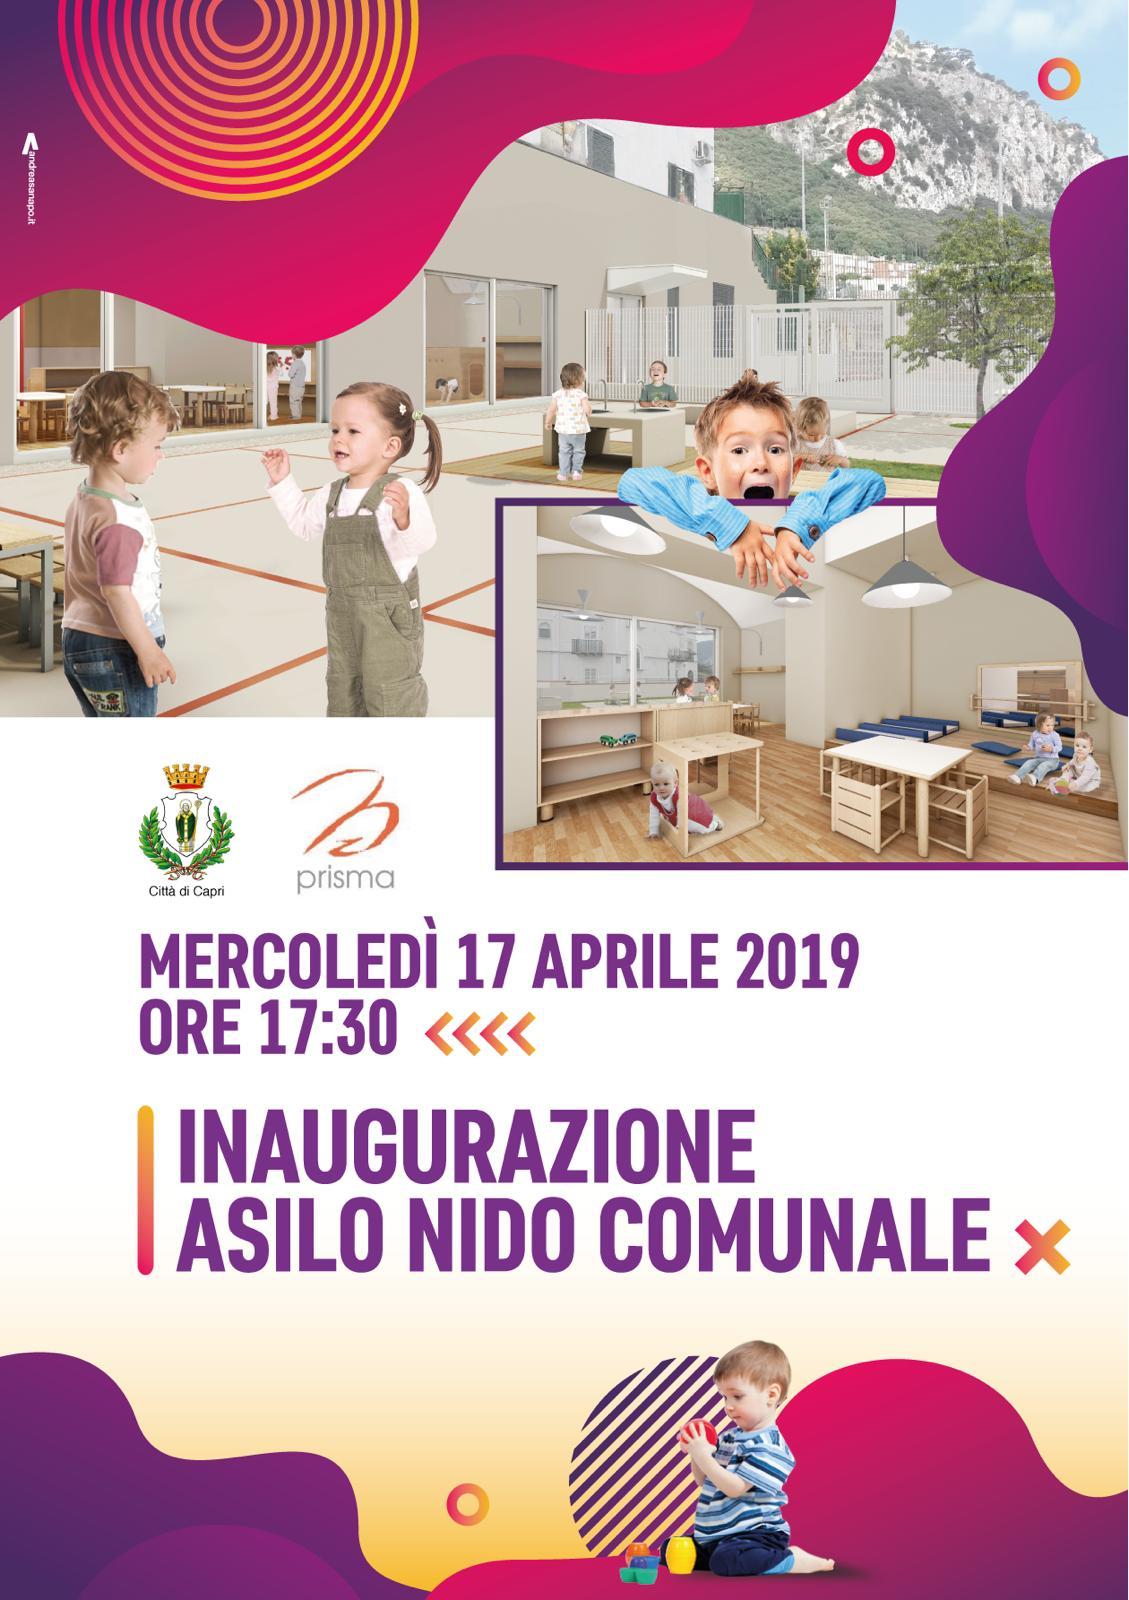 Capri. Si inaugura anche il nuovo asilo nido comunale, mercoledì 17 l'inaugurazione